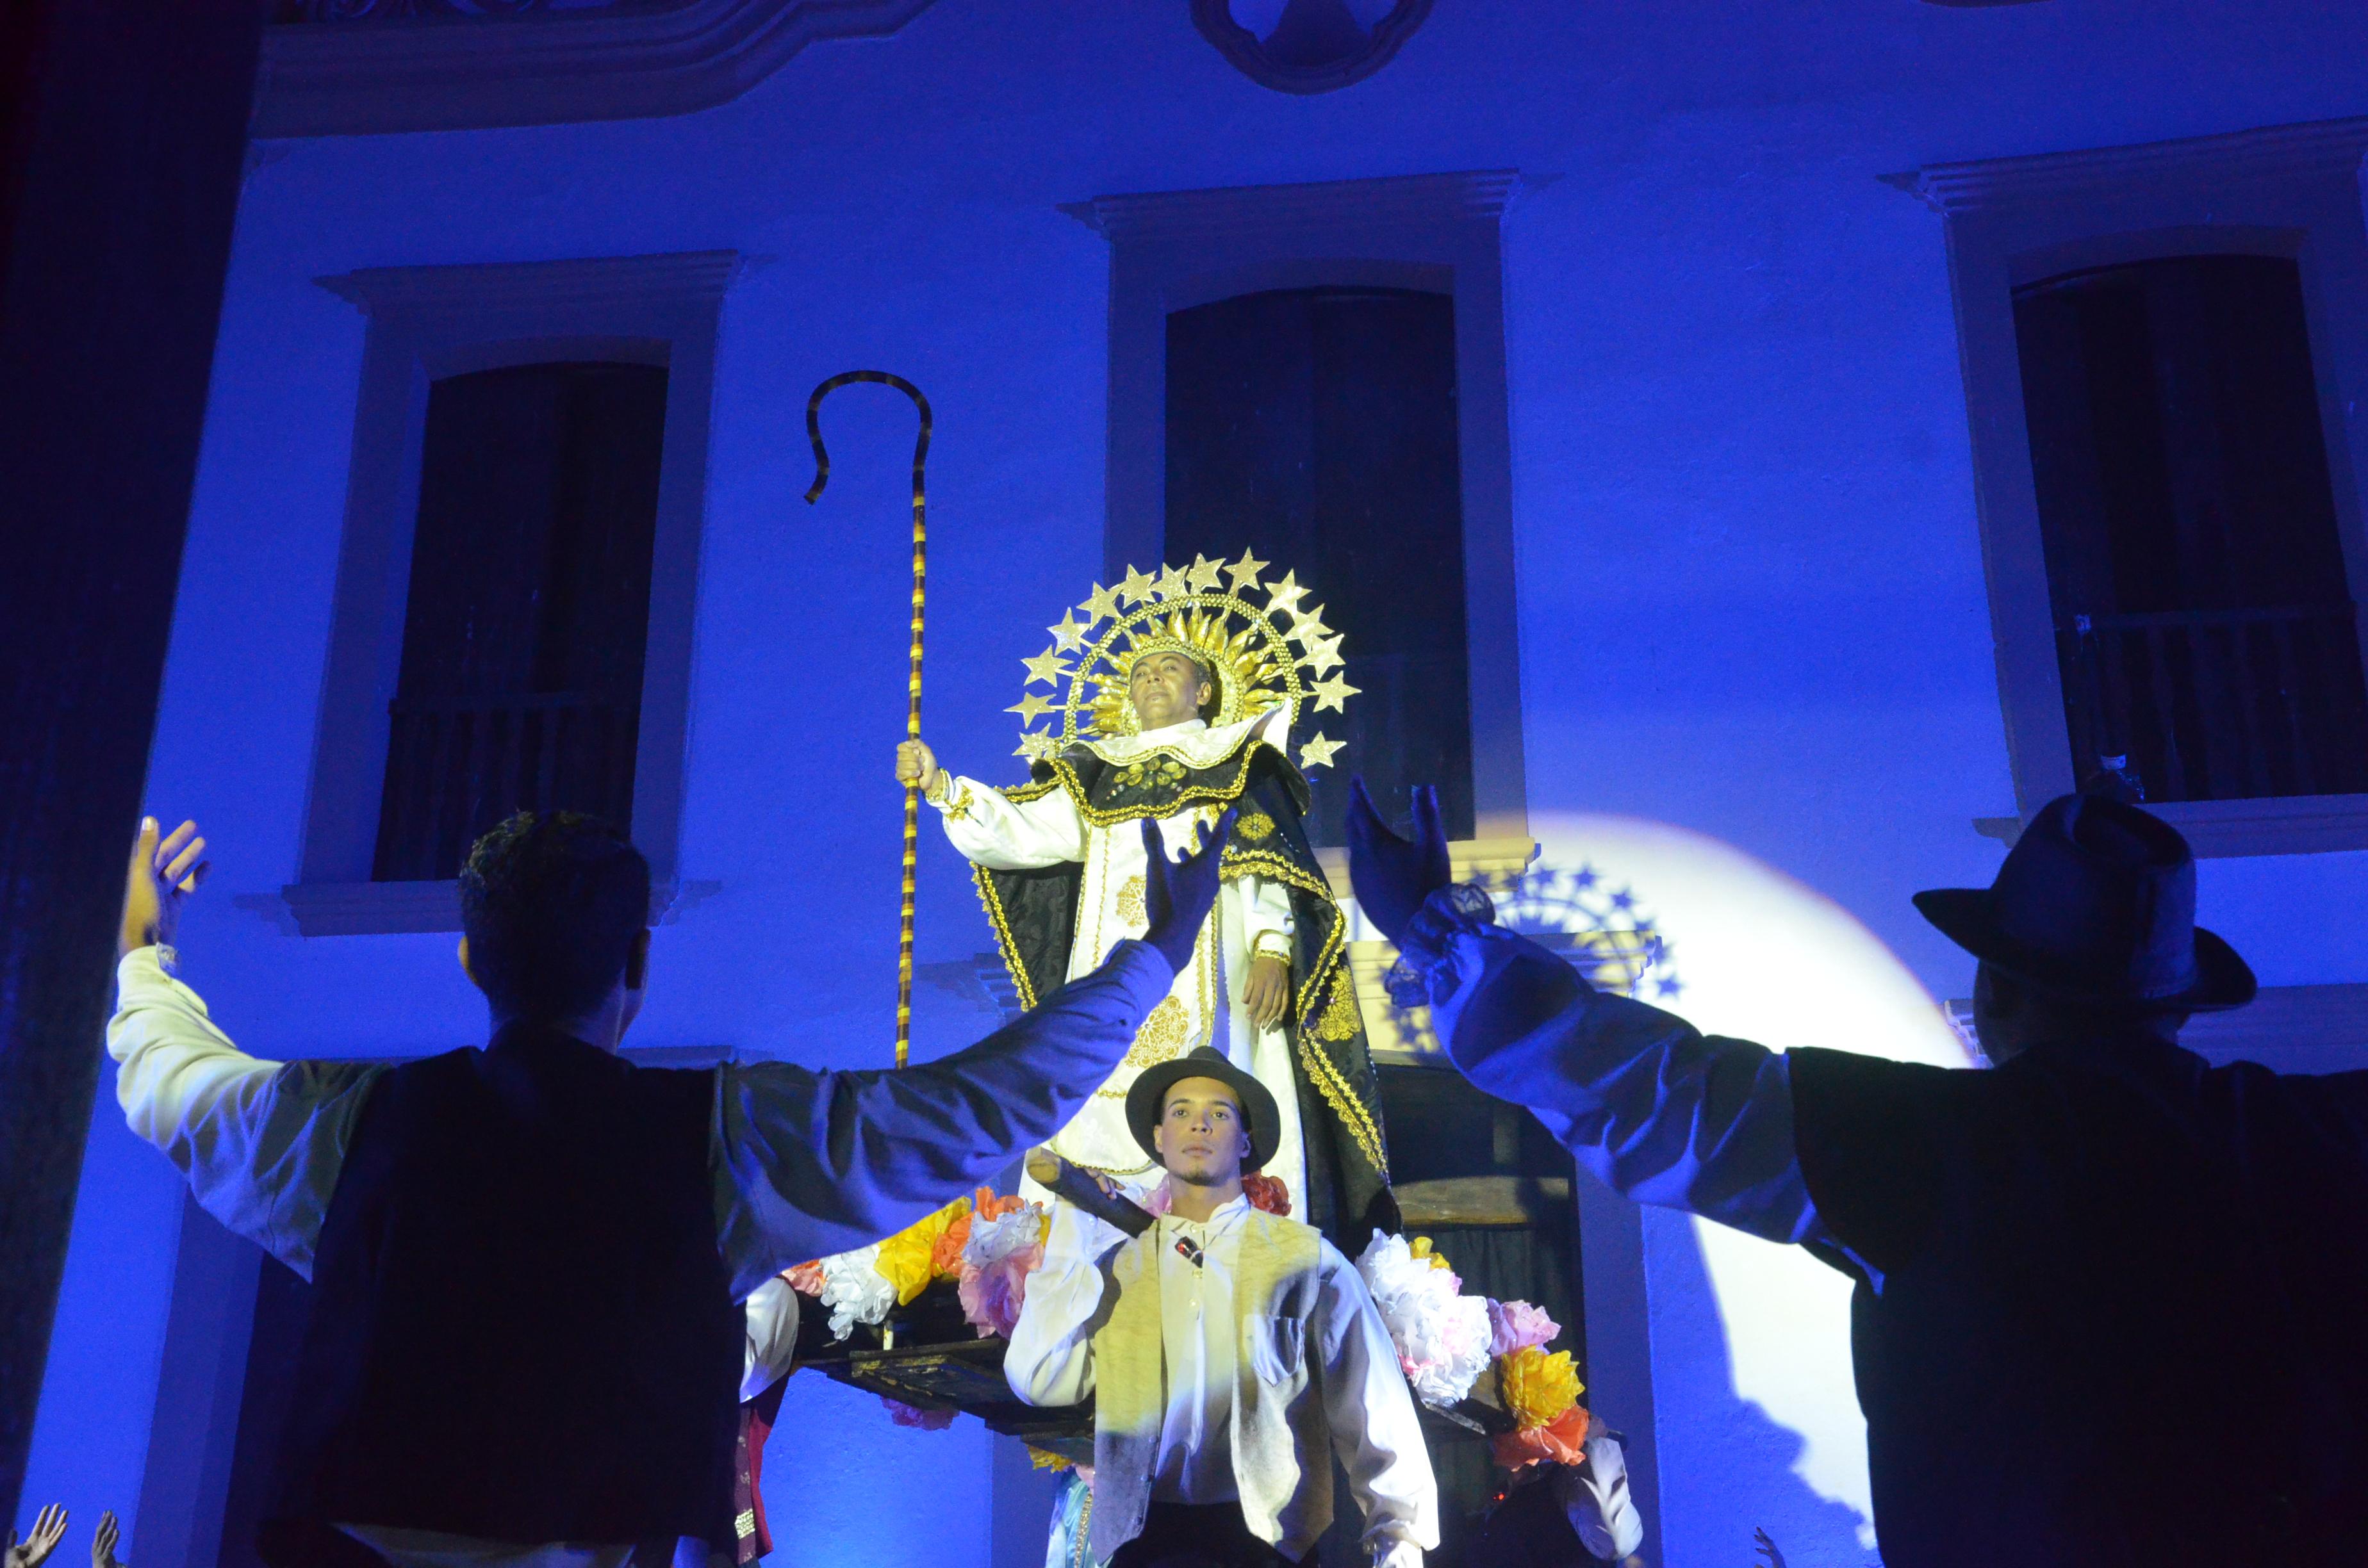 Prefeitura promove agenda cultural durantes festejos de São Gonçalo